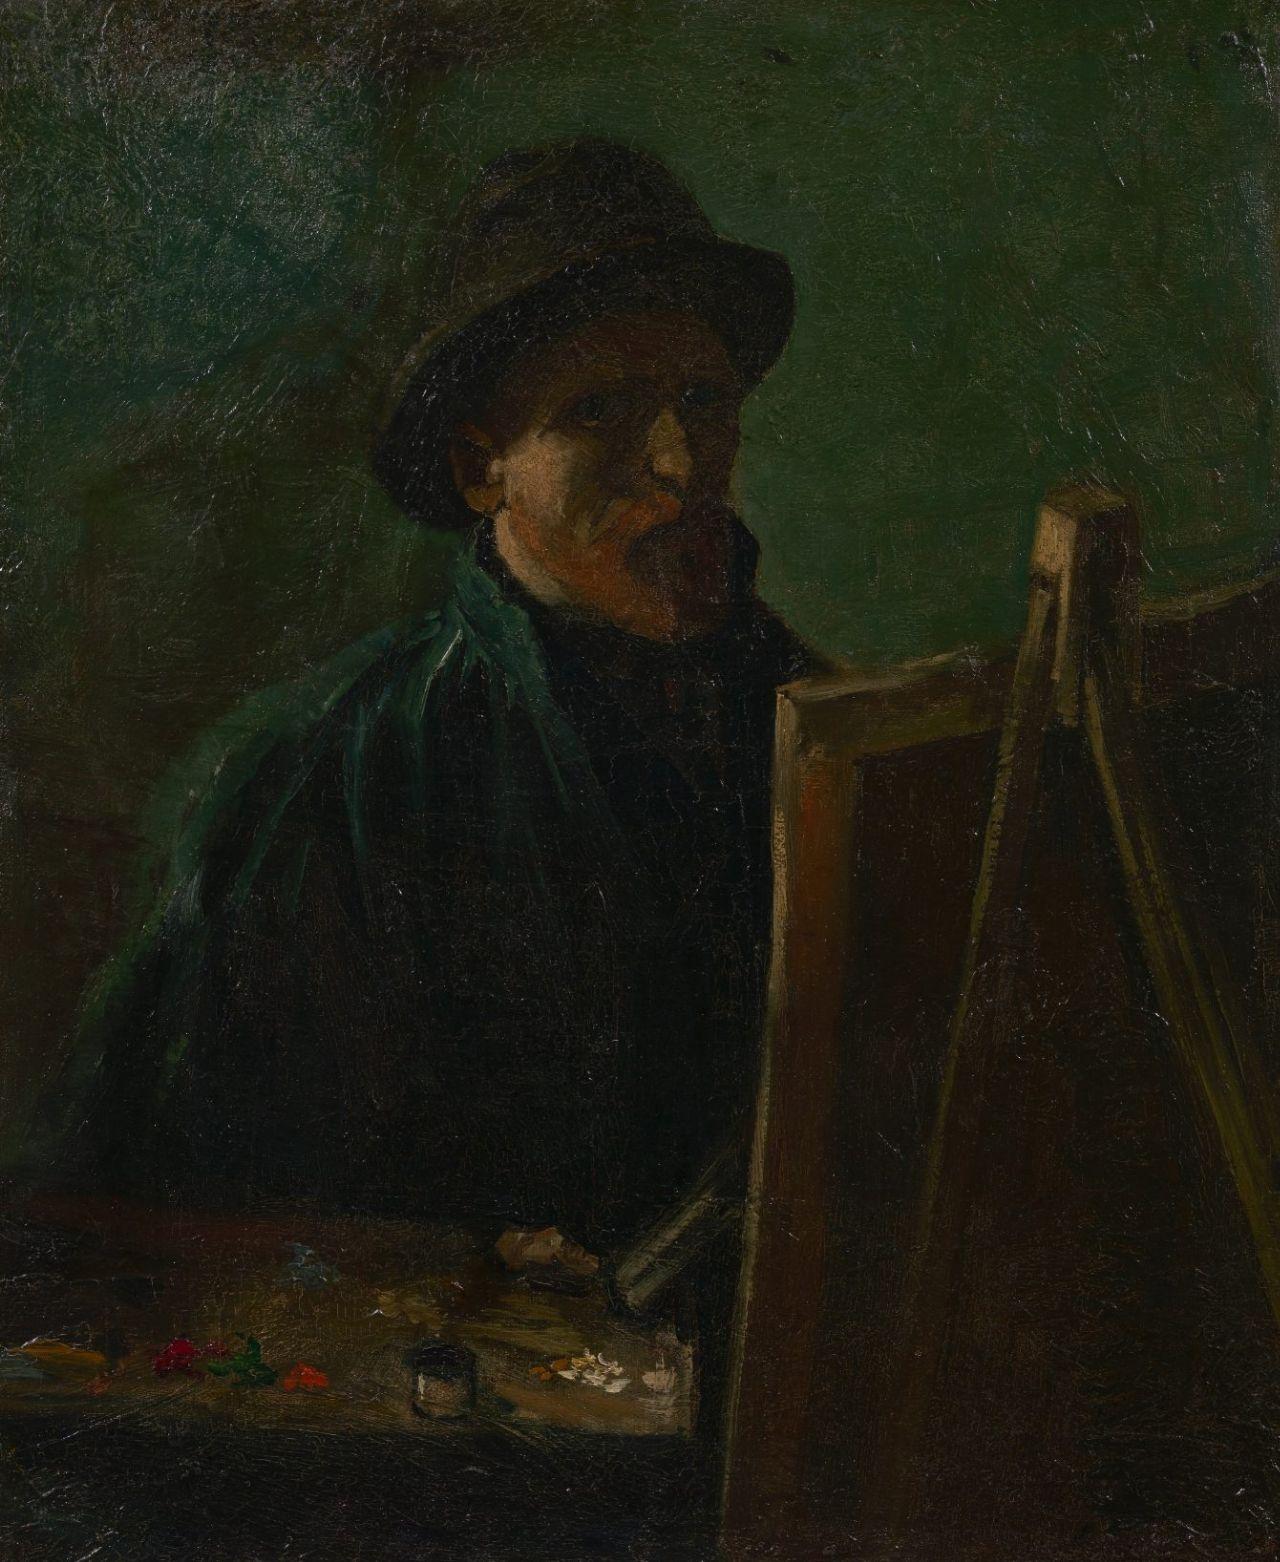 Portrait painter rembrandt nyt crossword